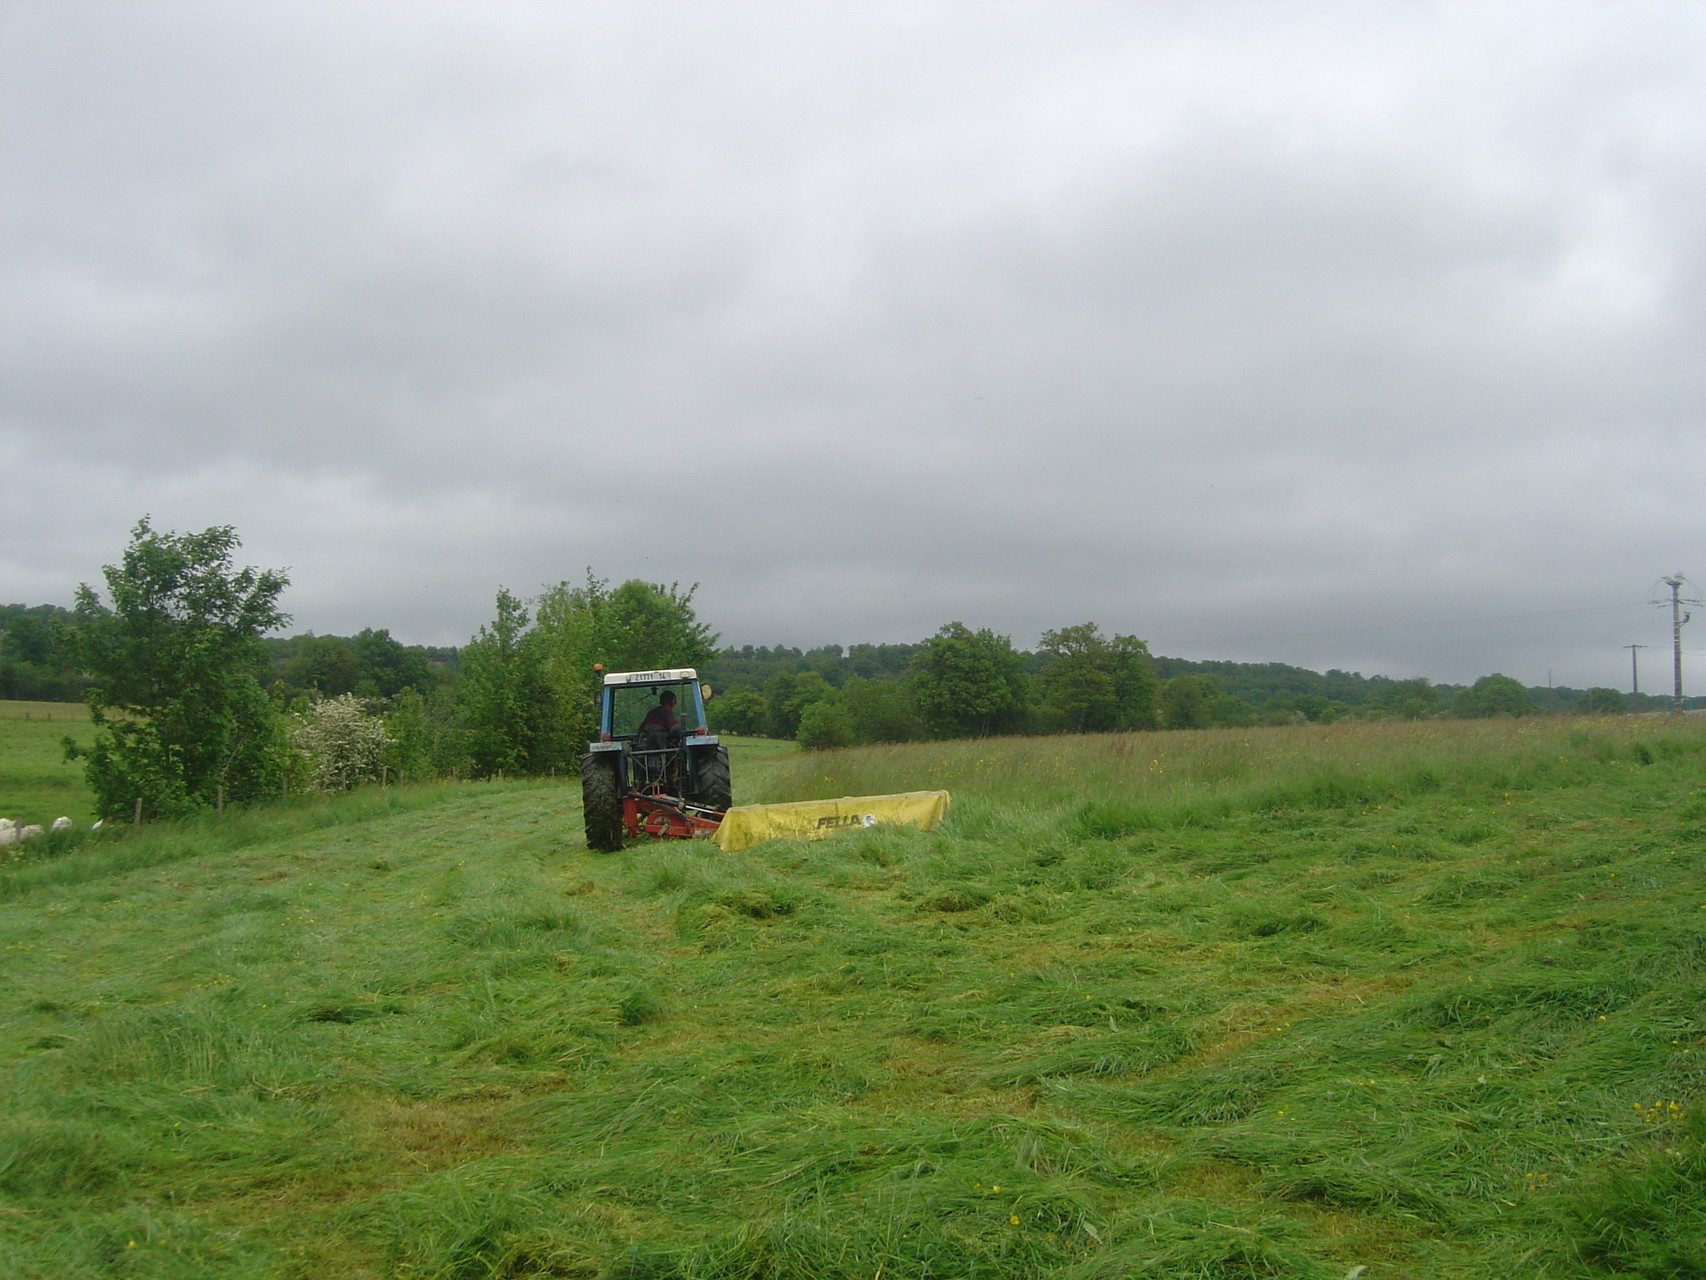 Le fauchage de l'herbe pour récolter le foin